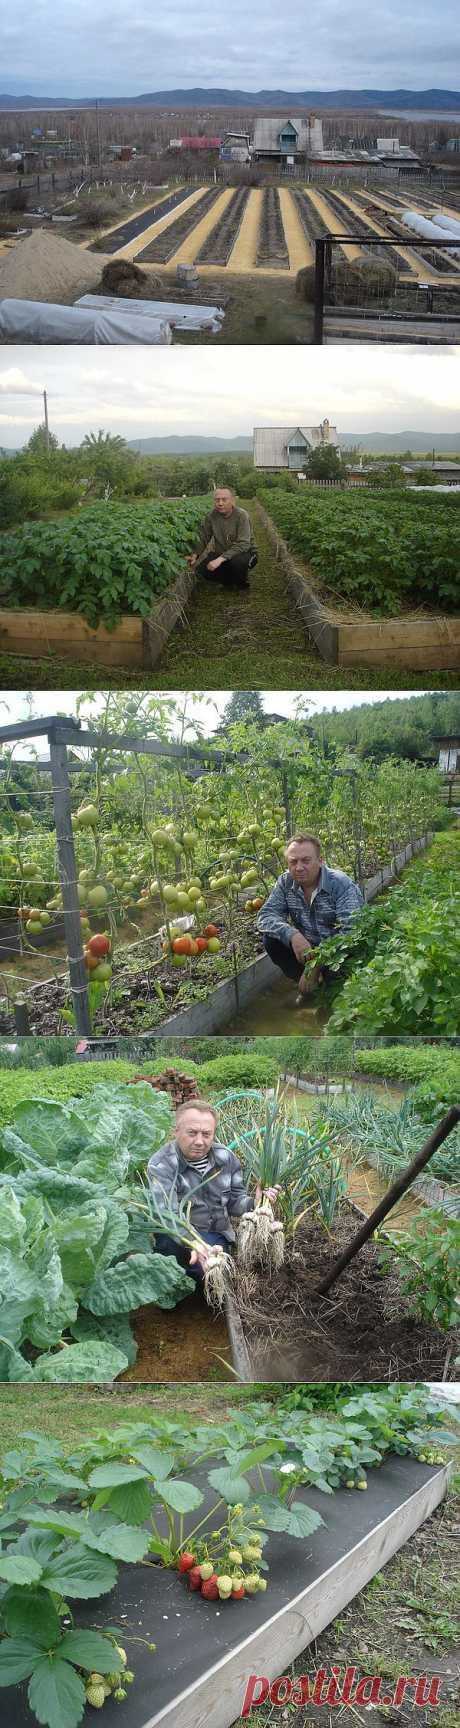 Удивительный огород Игоря Лядова.